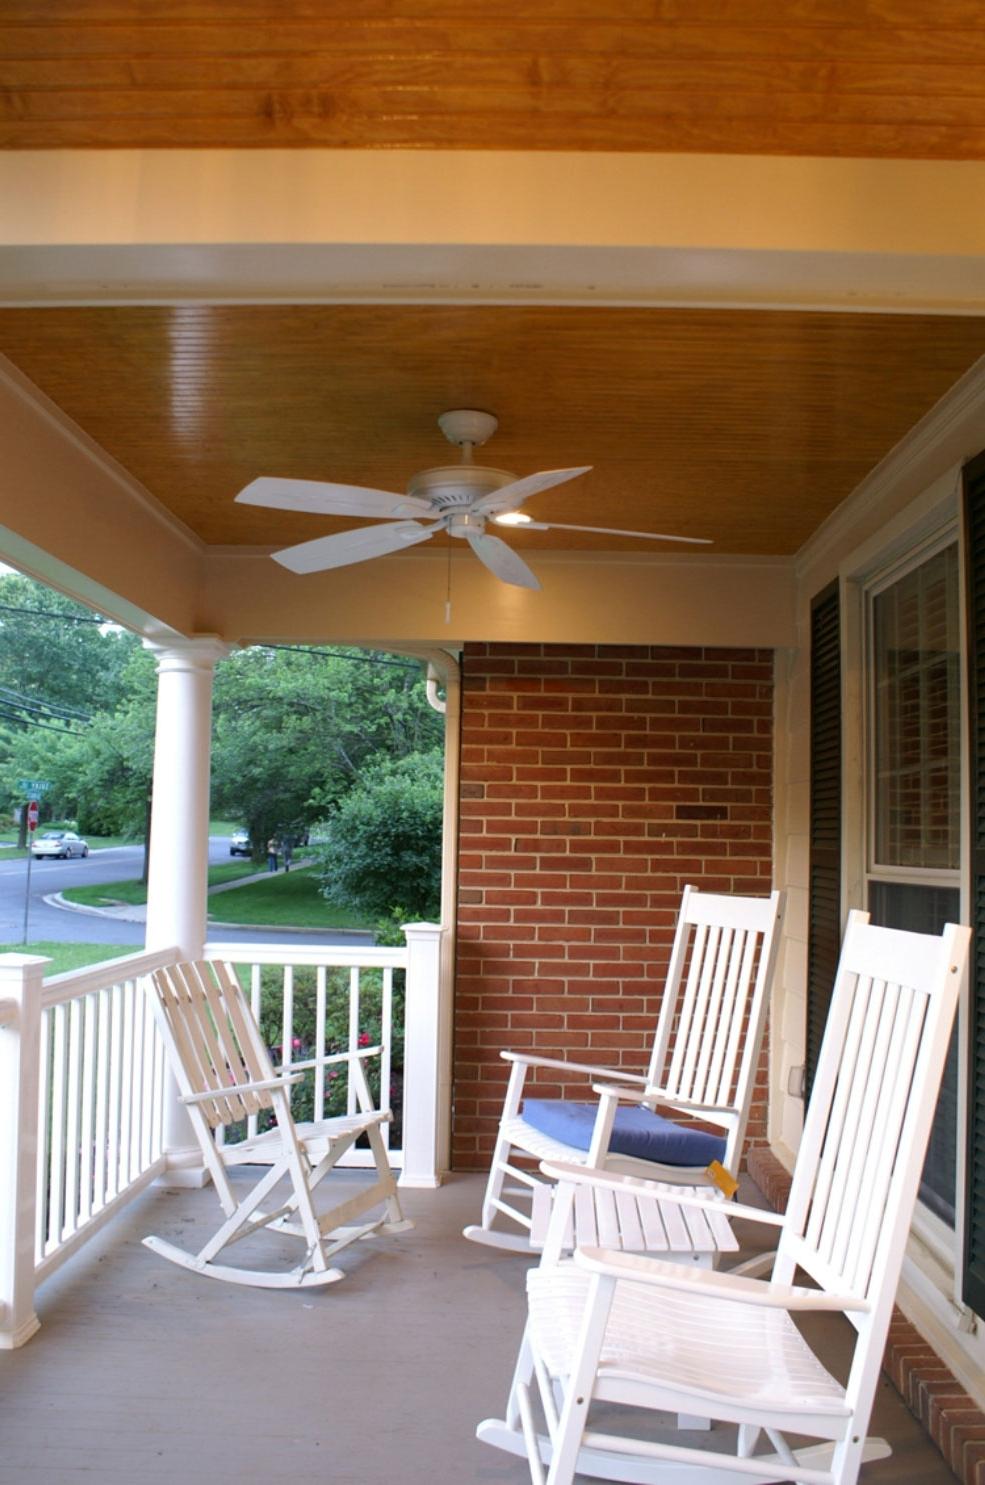 Outdoor Deck Ceiling Lights Regarding Recent Porch Ceiling : Outdoor Small Porch Ceiling Fans With Outdoor Porch (View 18 of 20)